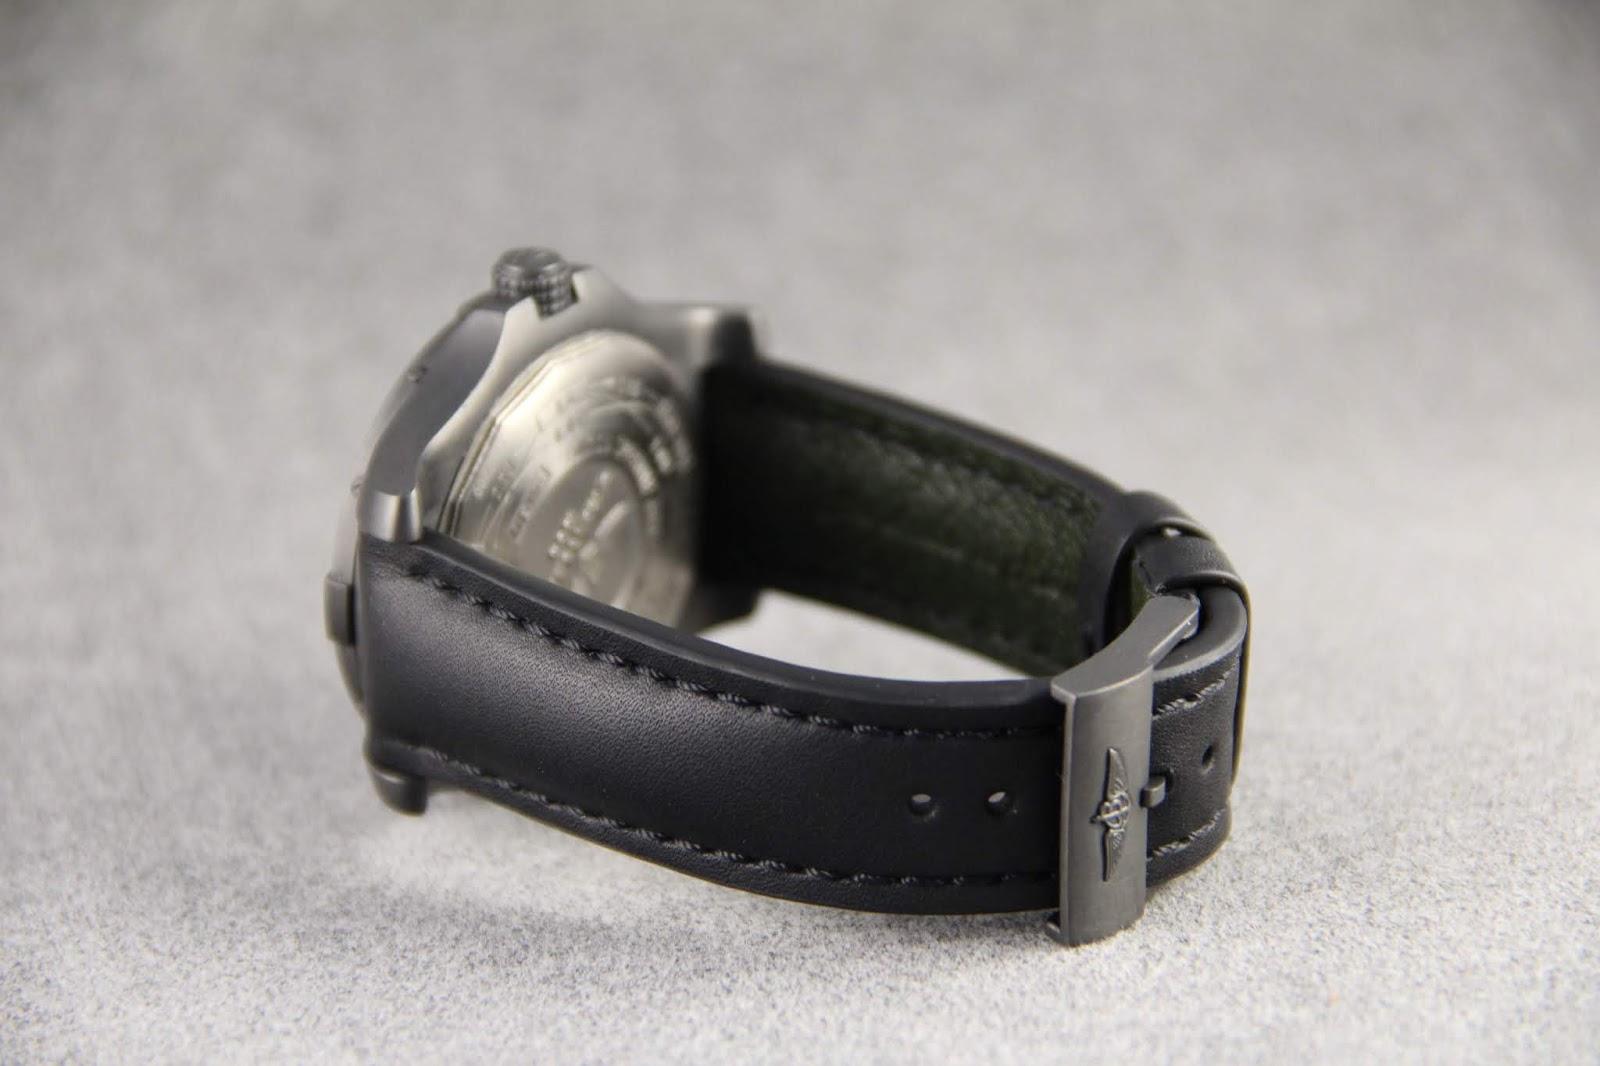 Yq кожаный ремешок группа чёрный; коричневый синий мягкий ремешки для часы breitling человек часы 22 мм 24 мм 20 мм с инструмент ремешок для часов из аллигатора, кожа с фактурой, шов контрастный, очень брутальный ремешок для часов.